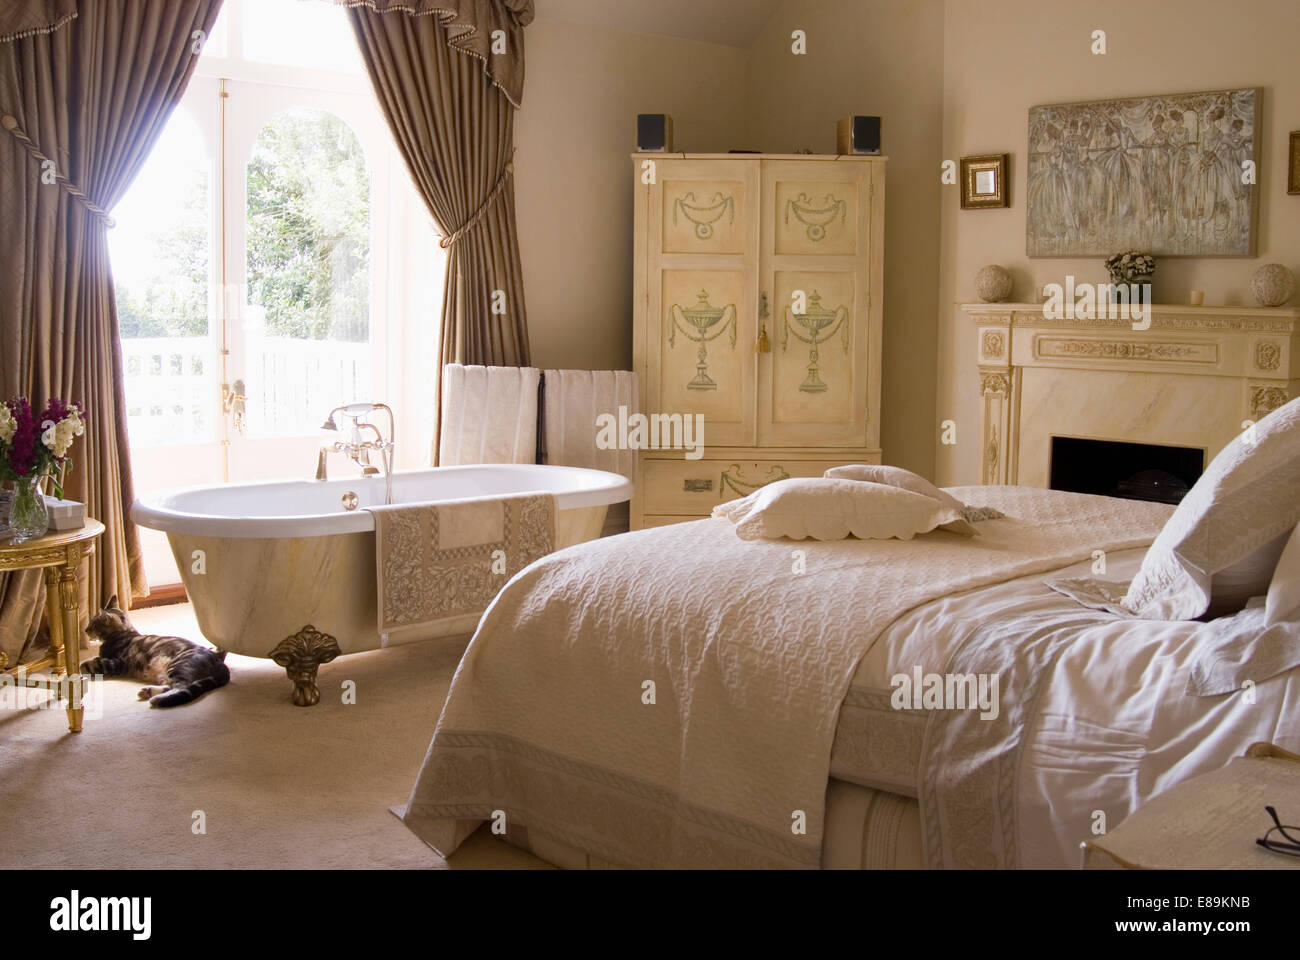 Vasca Da Bagno Nella Camera Da Letto : Rolltop vasca da bagno nella camera da letto del paese con crema